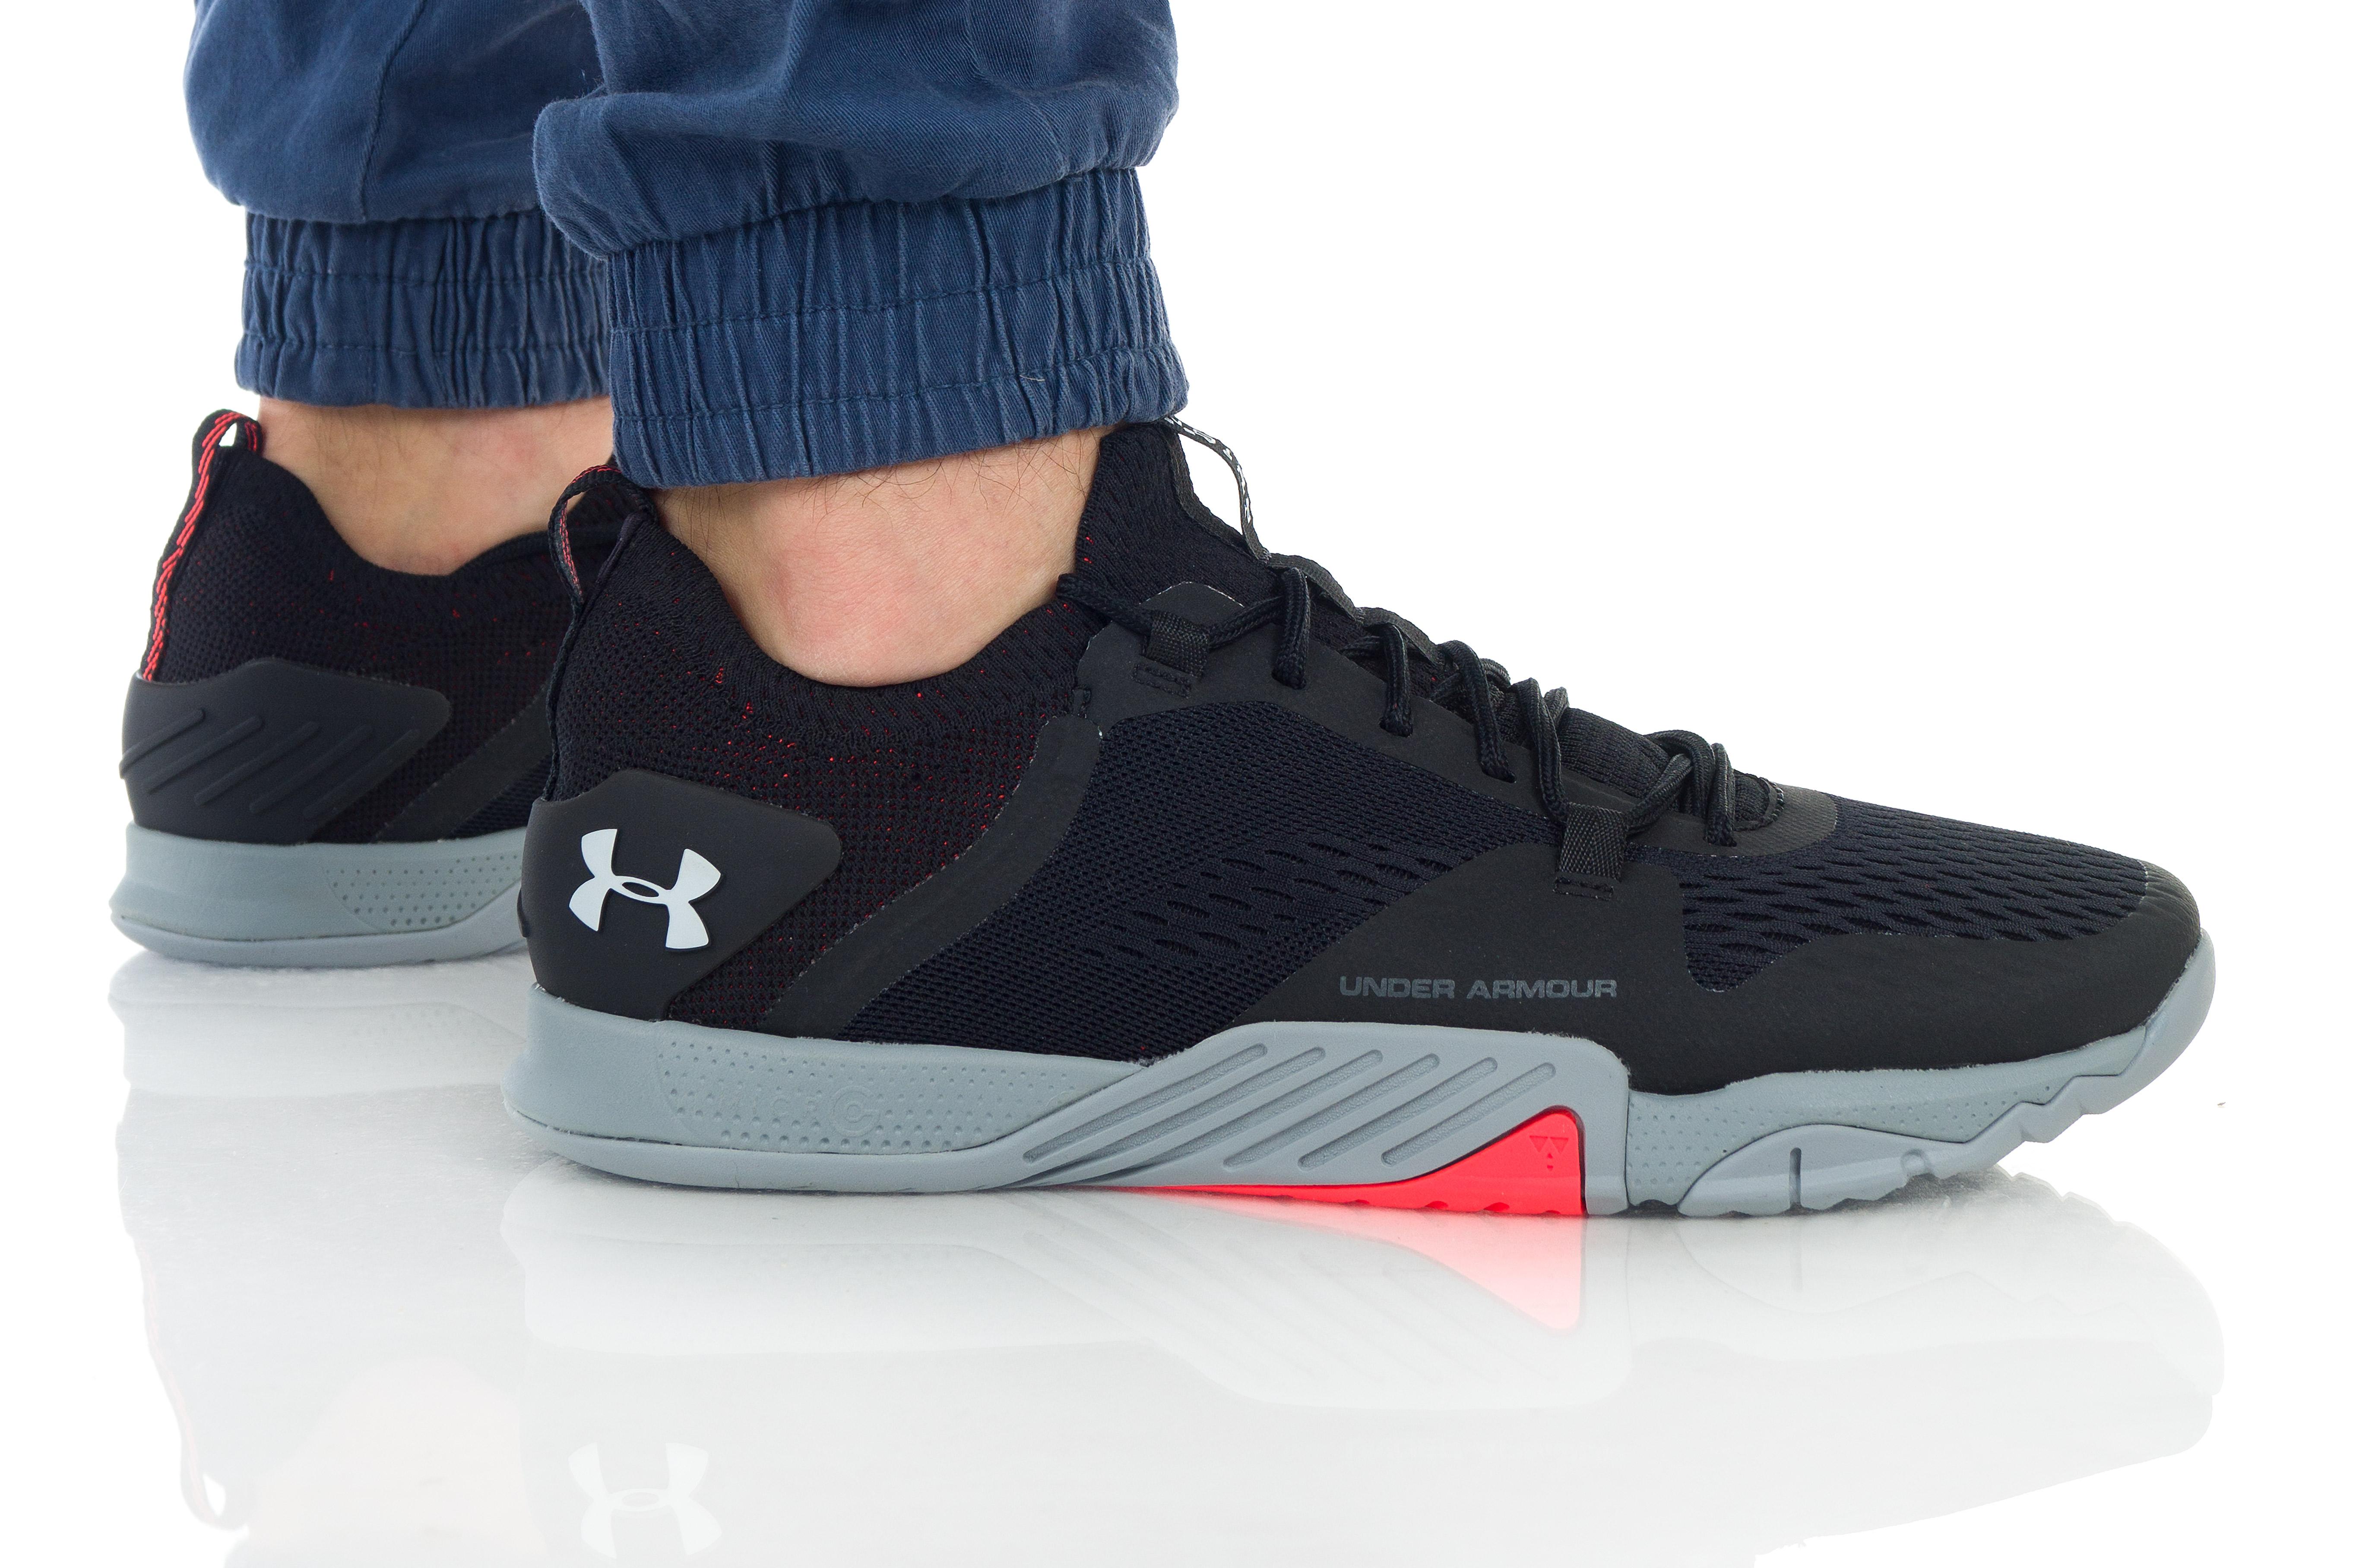 נעליים אנדר ארמור לגברים Under Armour TriBase Reign 2 - שחור